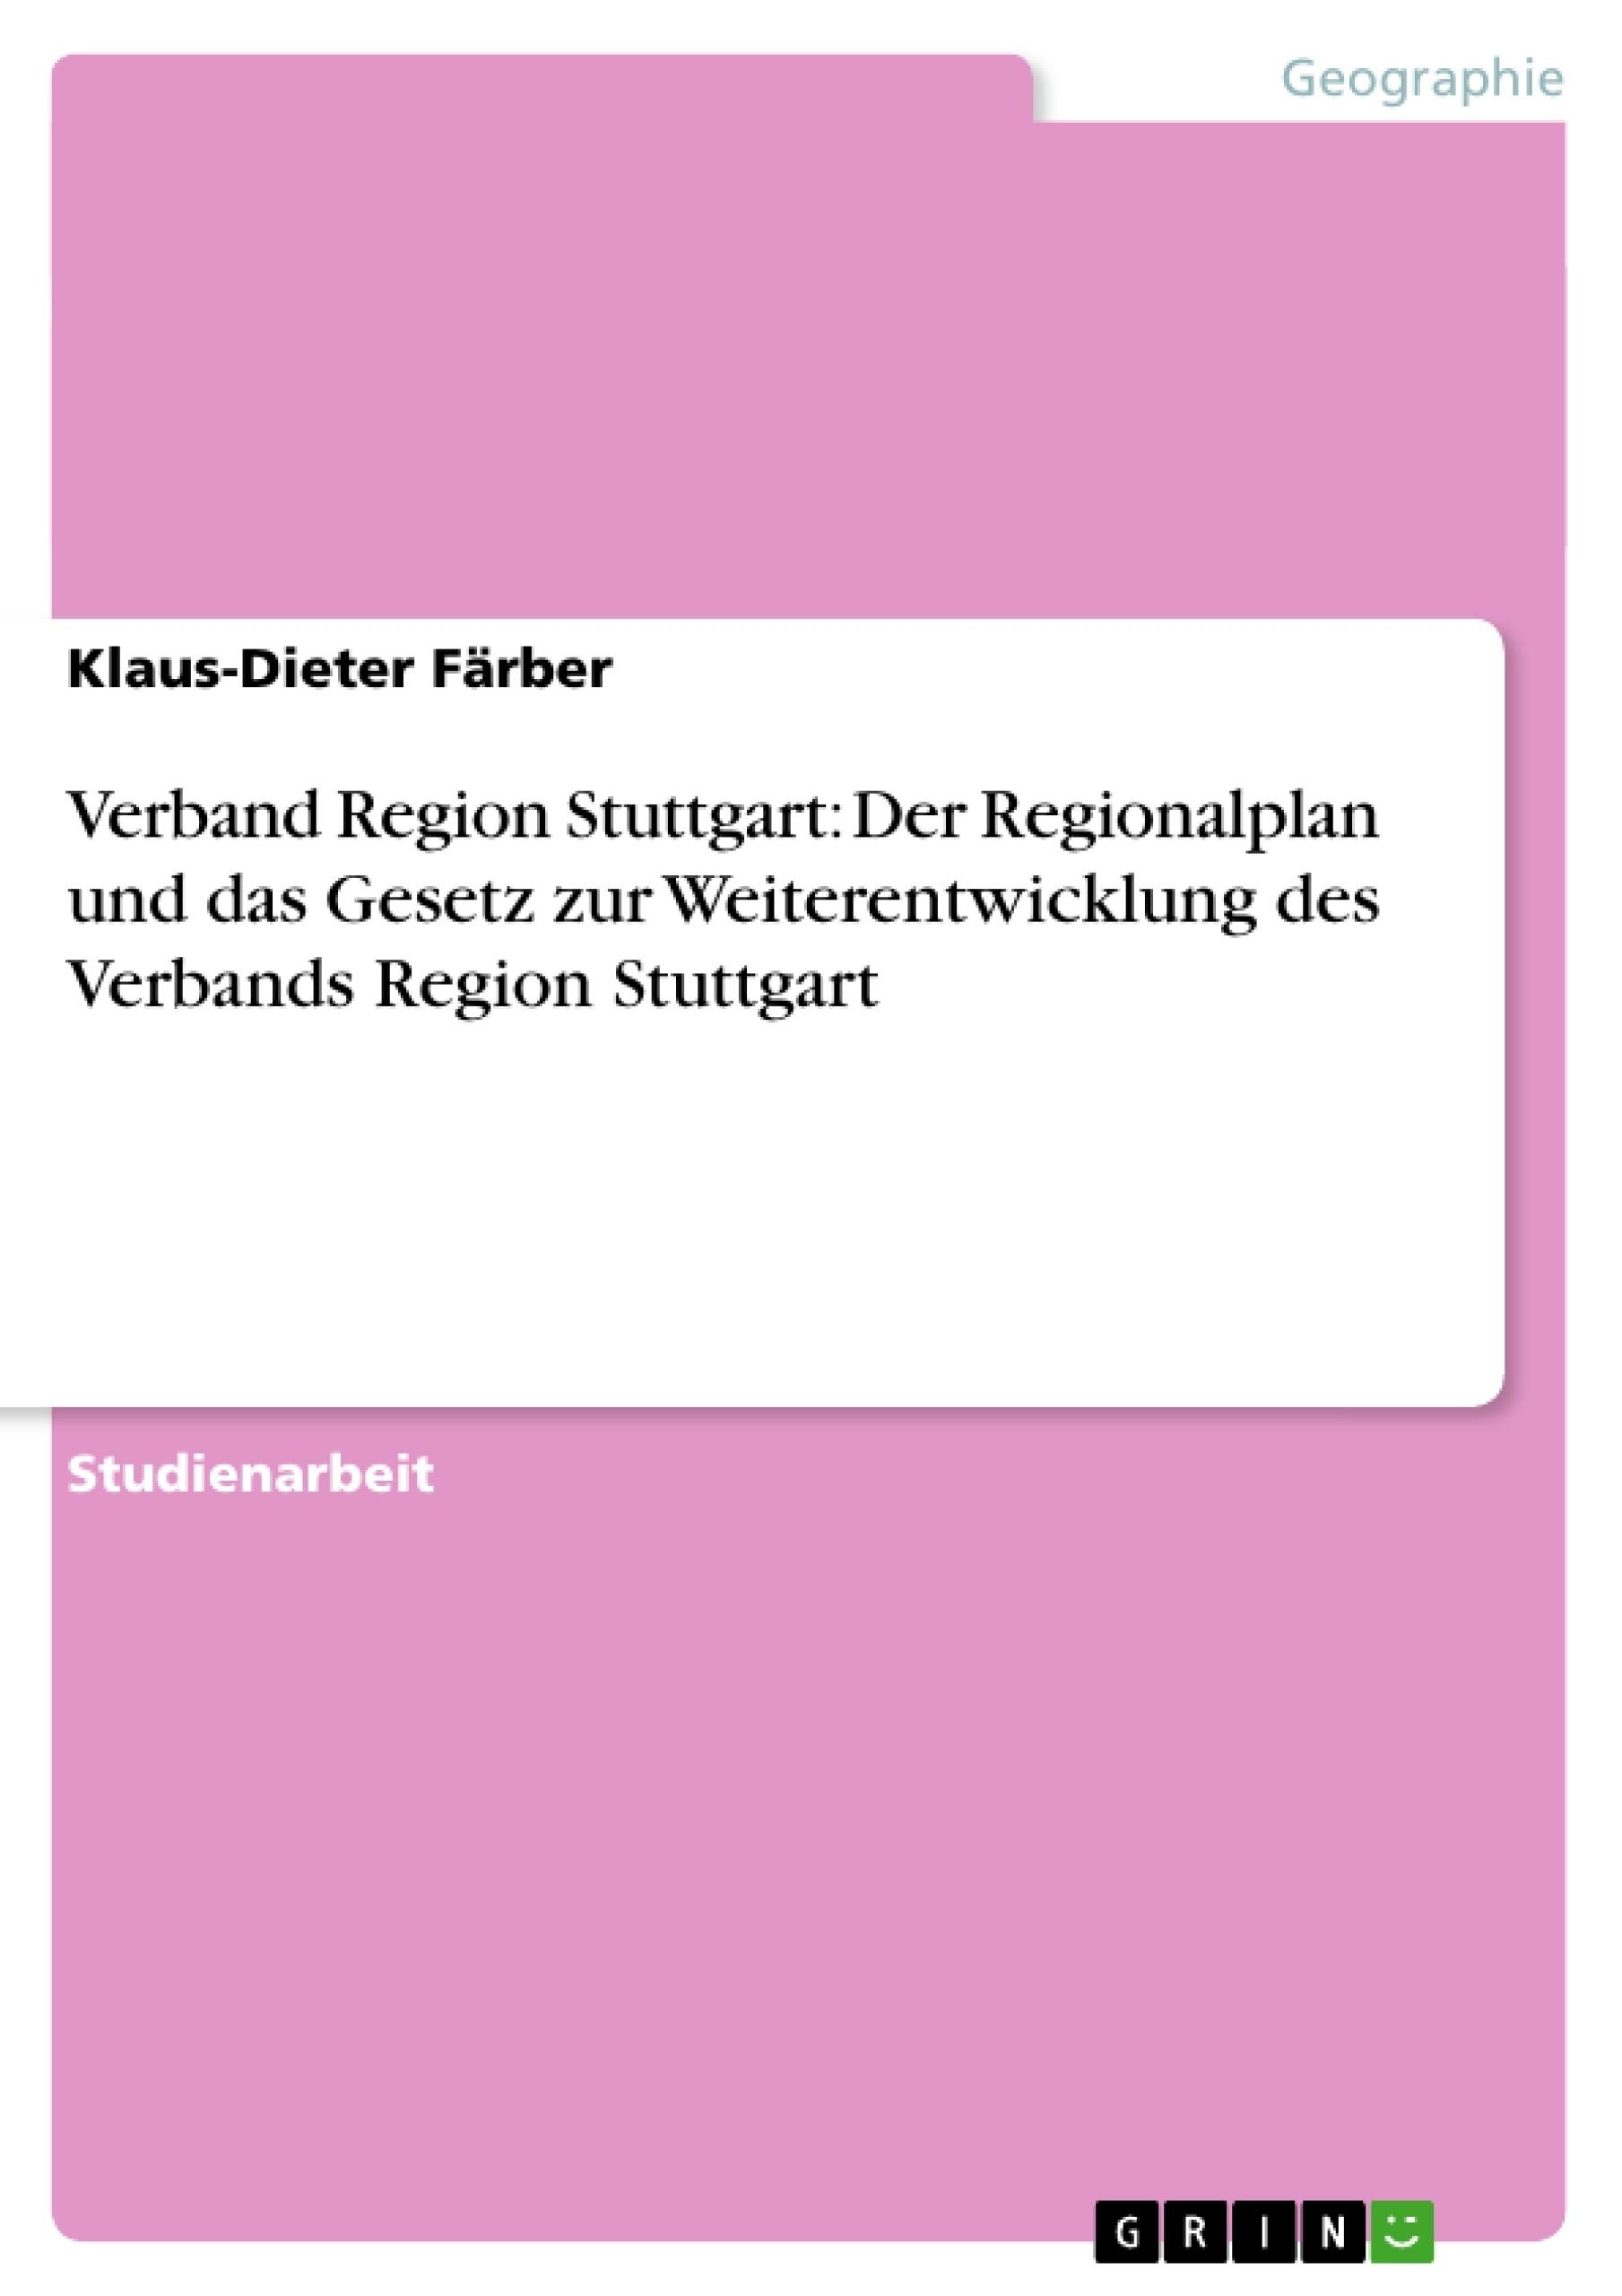 Titel: Verband Region Stuttgart: Der Regionalplan und das Gesetz zur Weiterentwicklung des Verbands Region Stuttgart